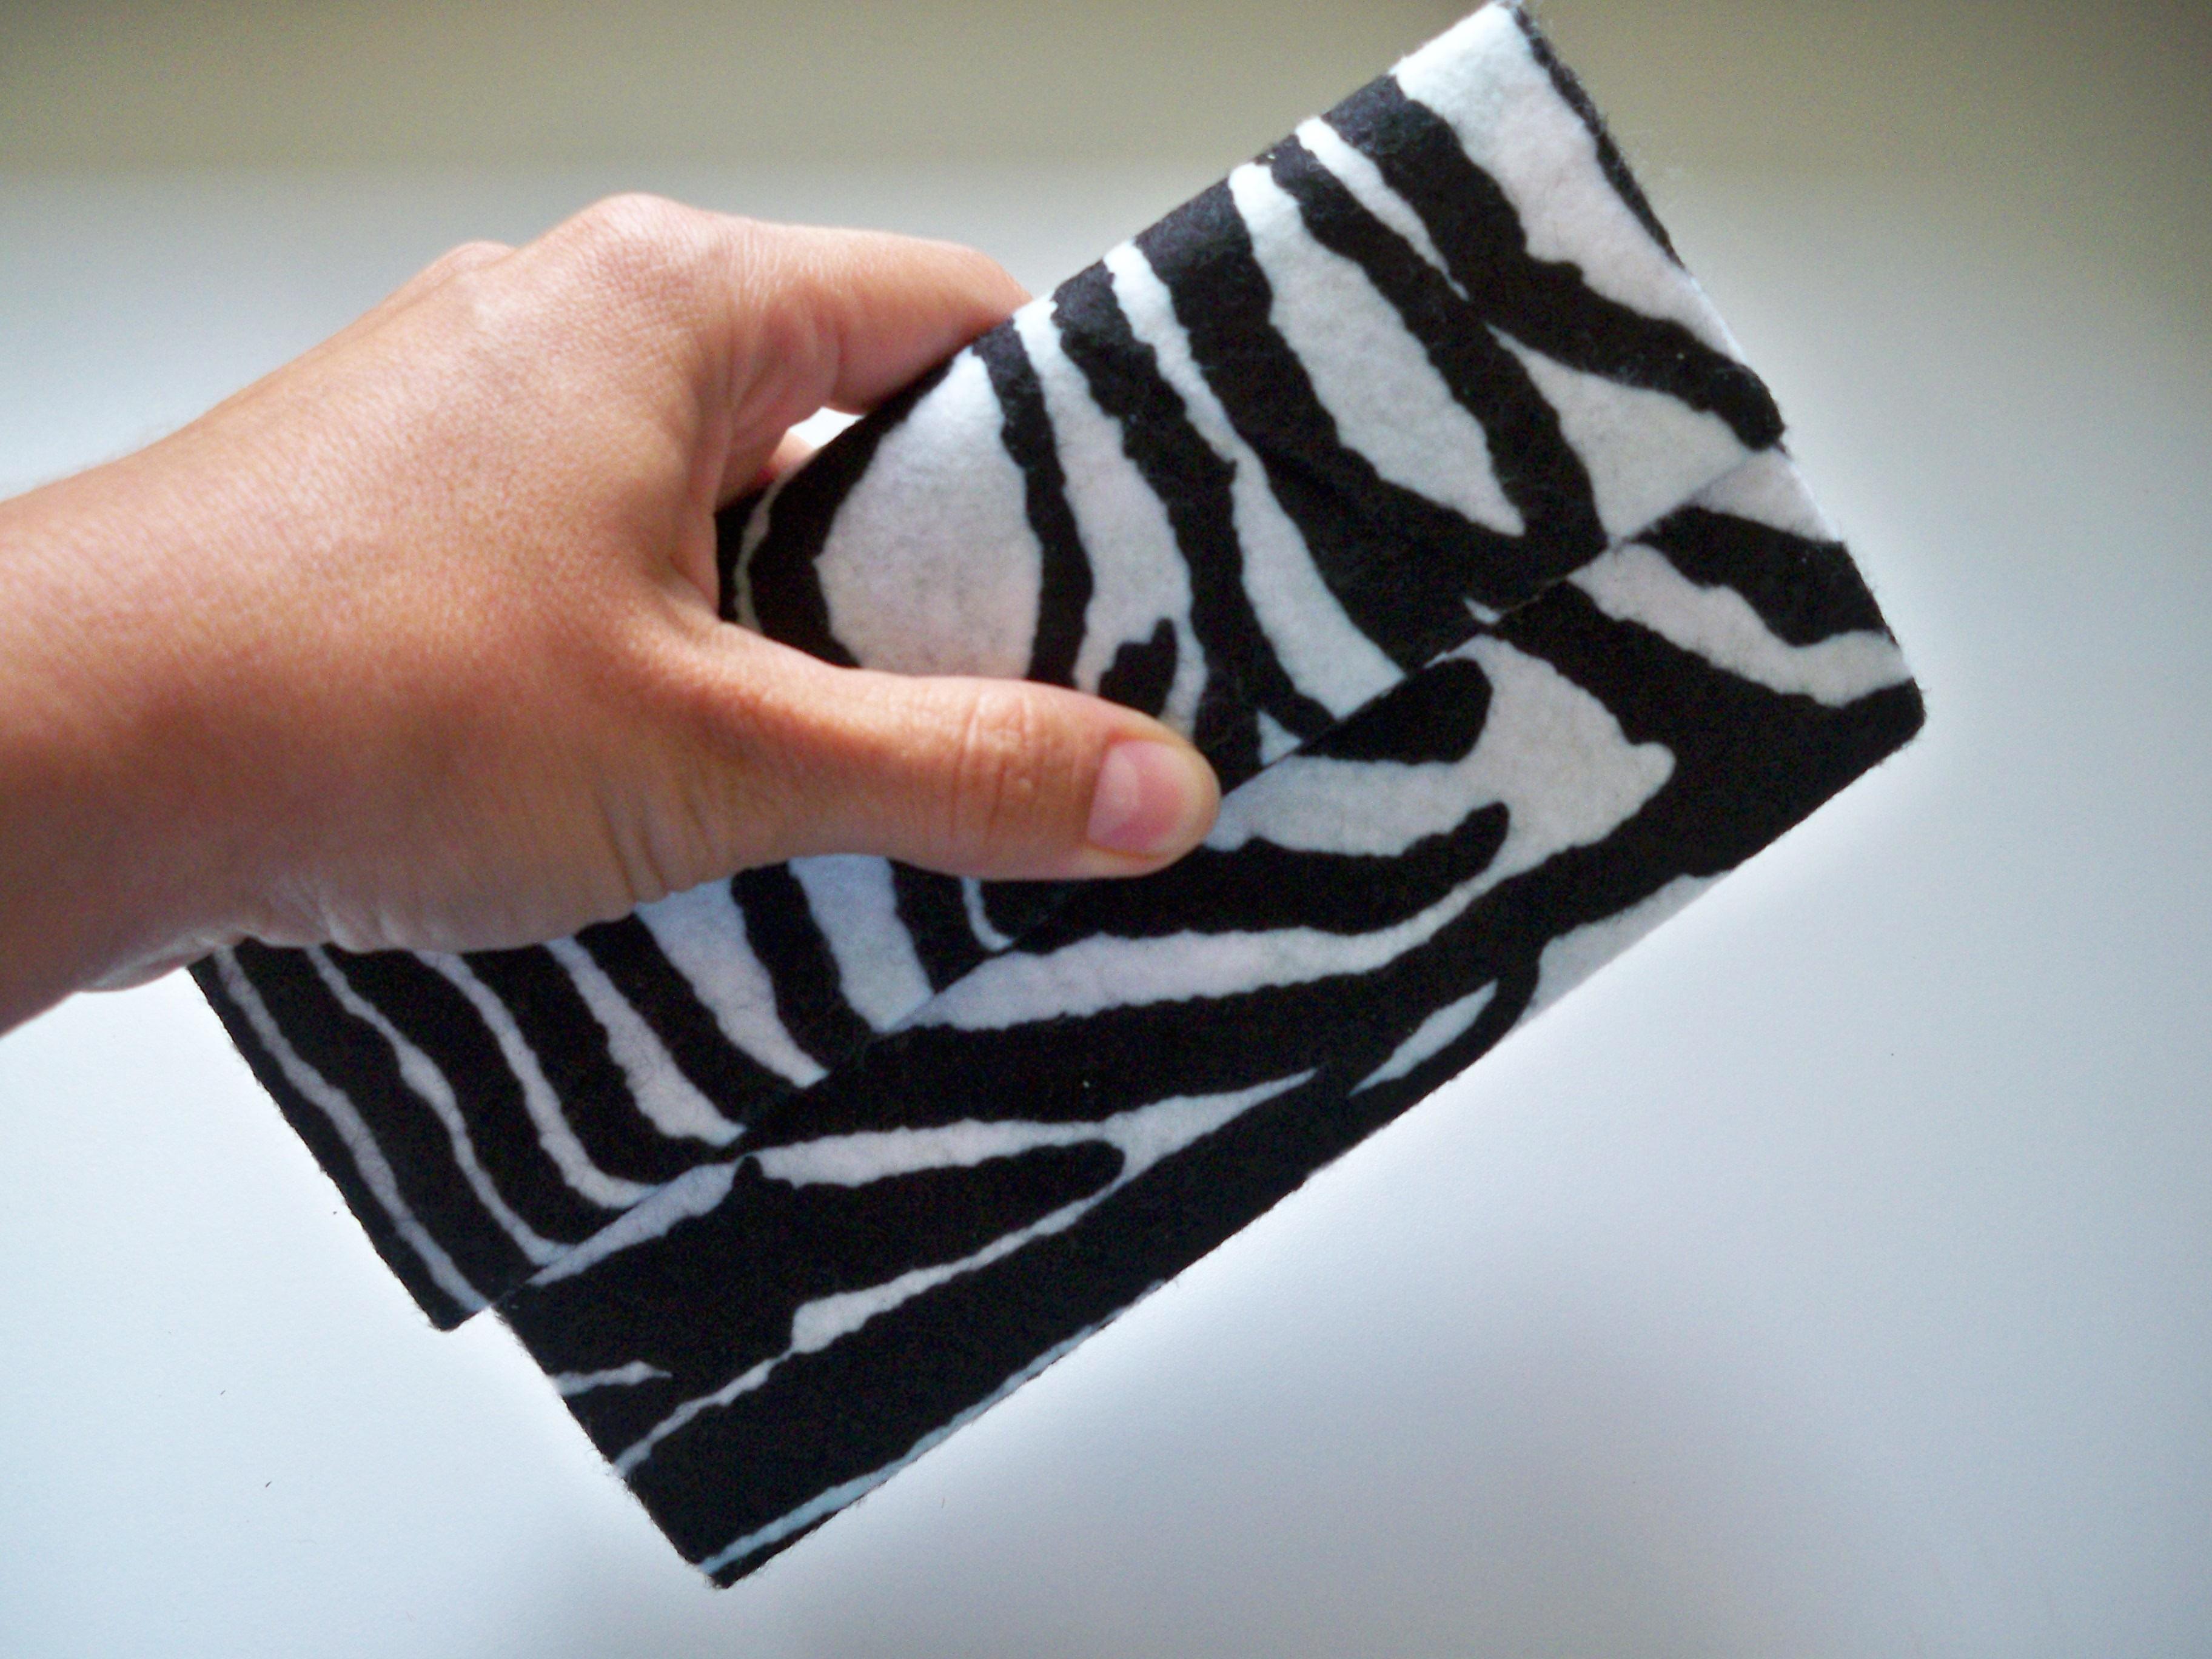 Bolsa De Festa Feita Com Caixa De Leite : Bolsa de m?o com caixa leite modelos e como fazer